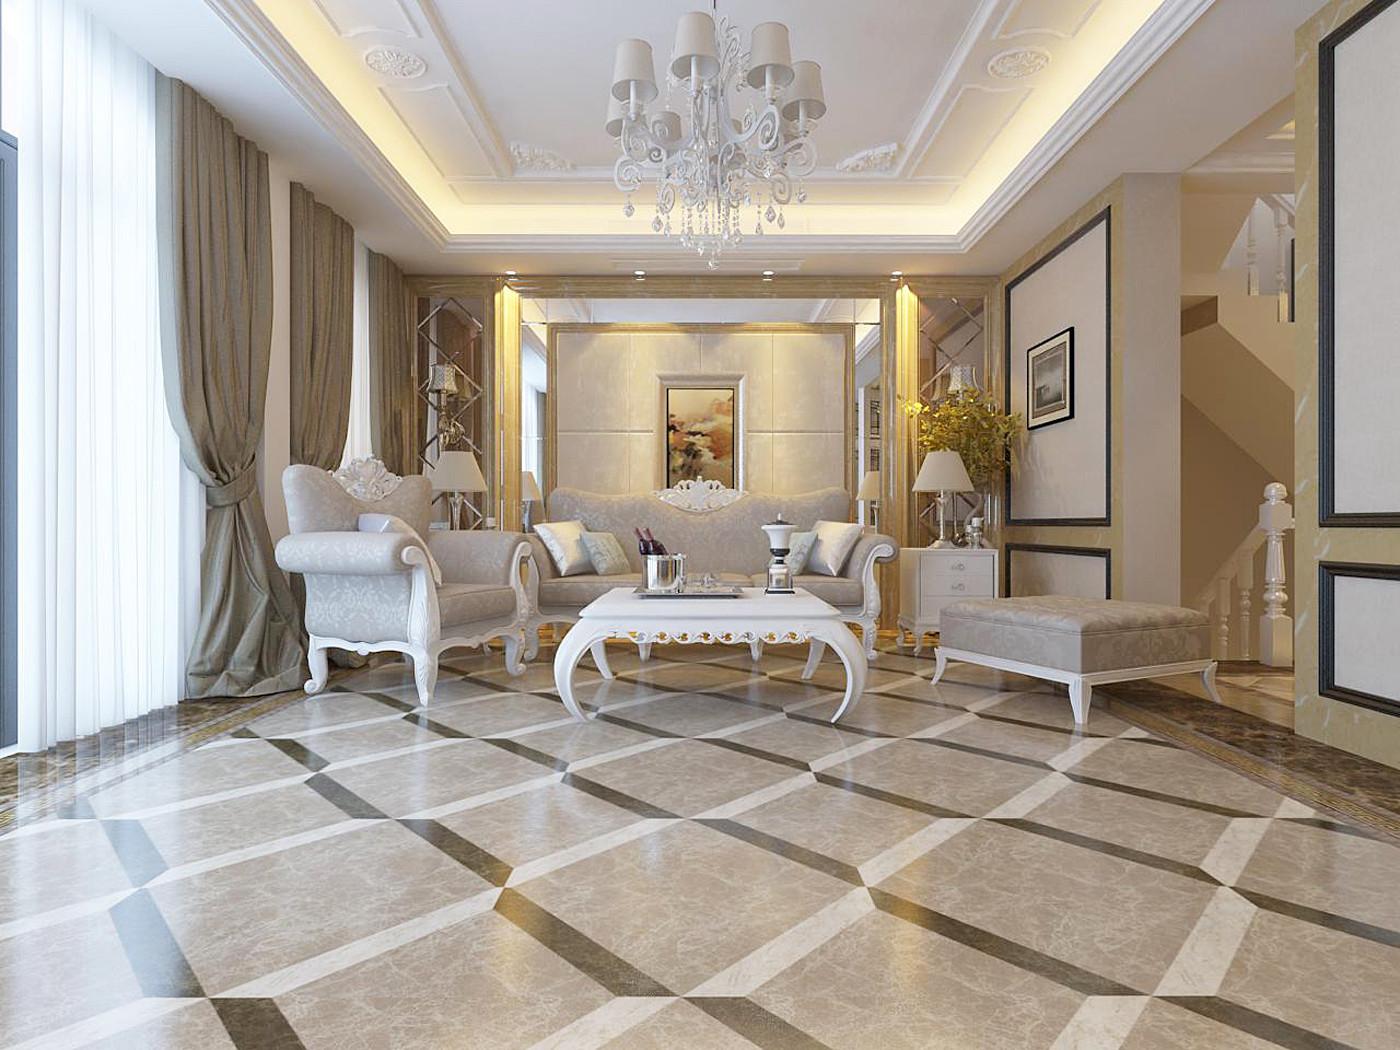 新古典欧式风情别墅装修沙发背景墙图片